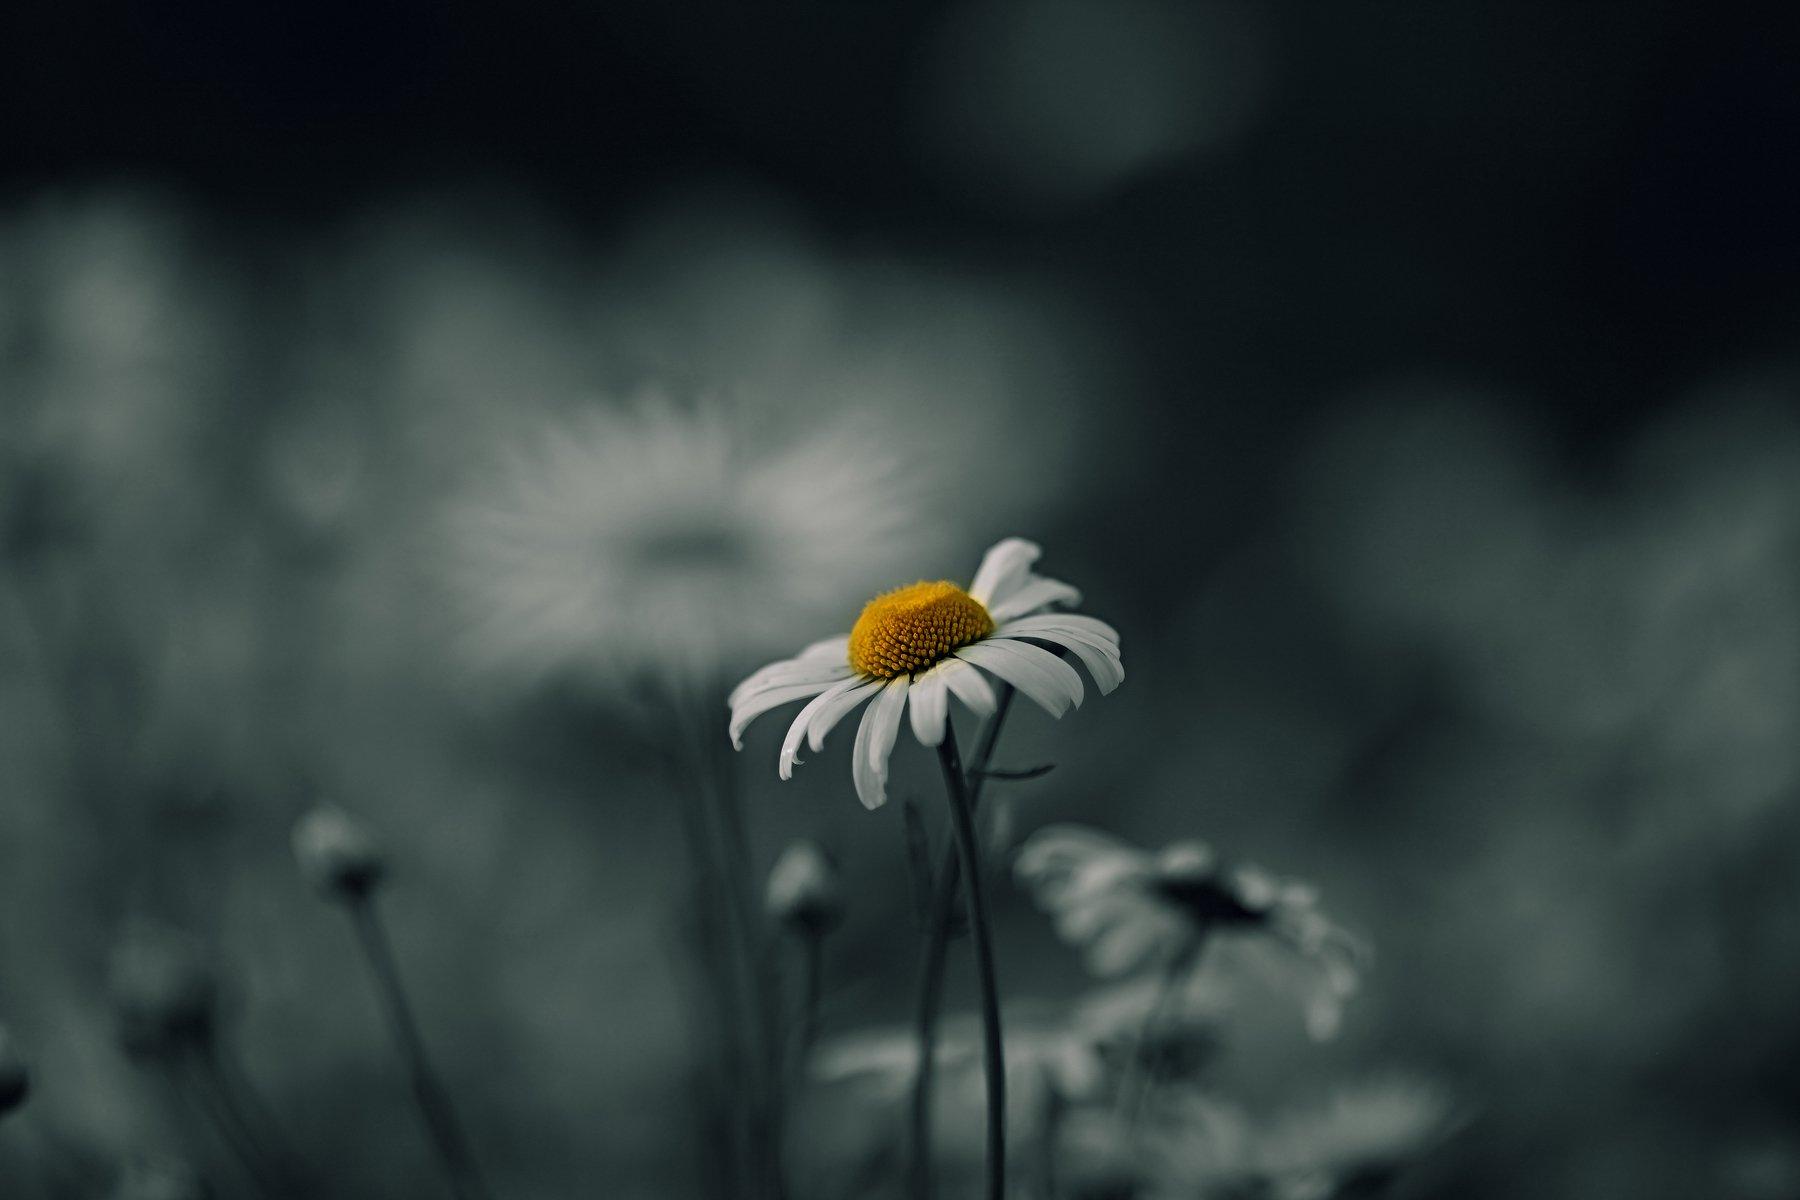 ромашки цветы природа помолейко pomoleyko многолетние цветковые растения семейства астровые asteraceae matricaria camomile daisy chamomile, Павел Помолейко